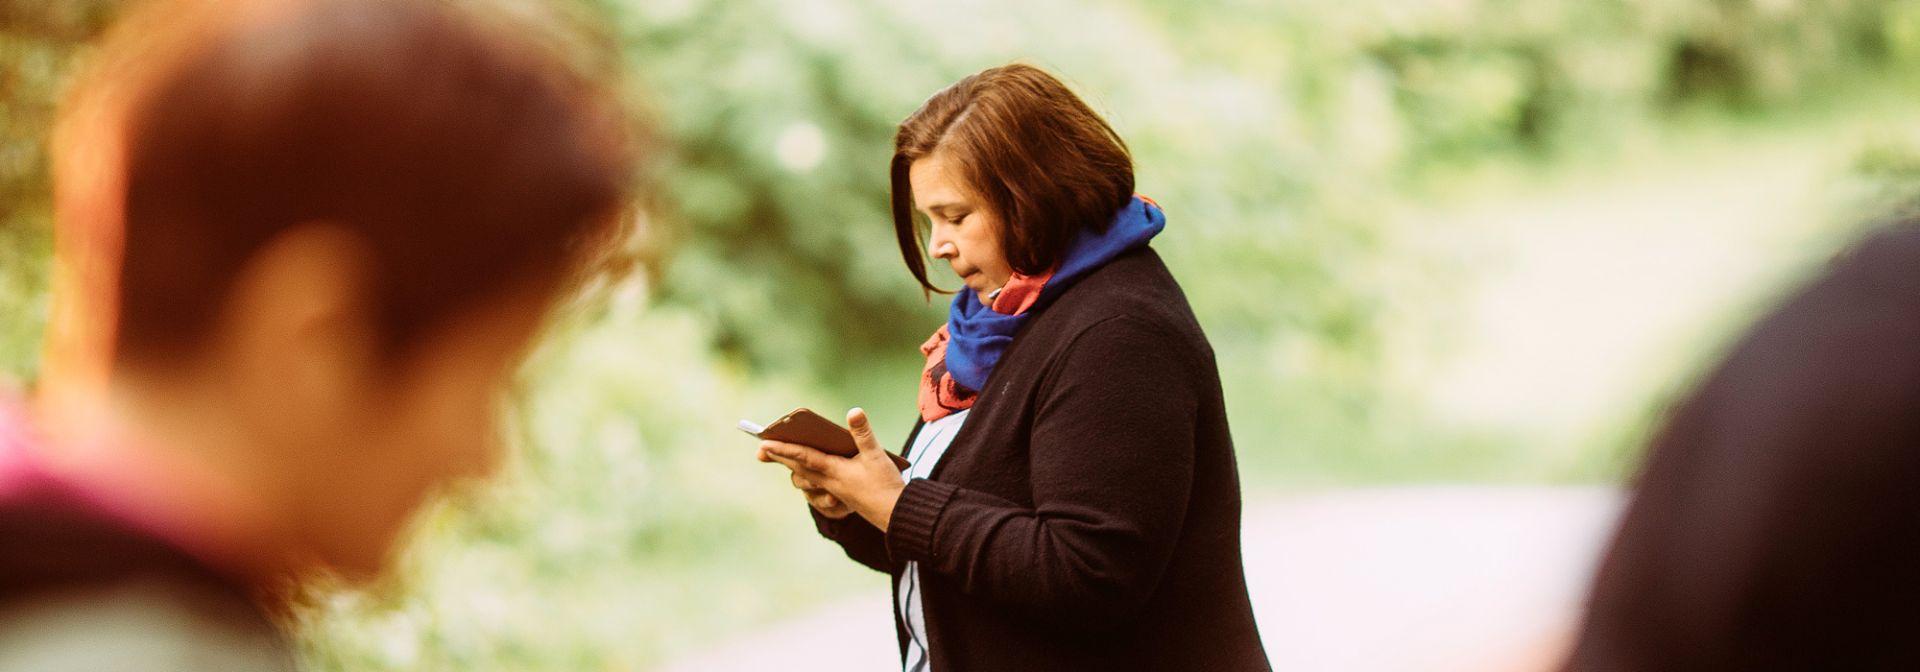 Nainen katsoo puhelinta, etualalalla näkyy epäselvästi ihminen.